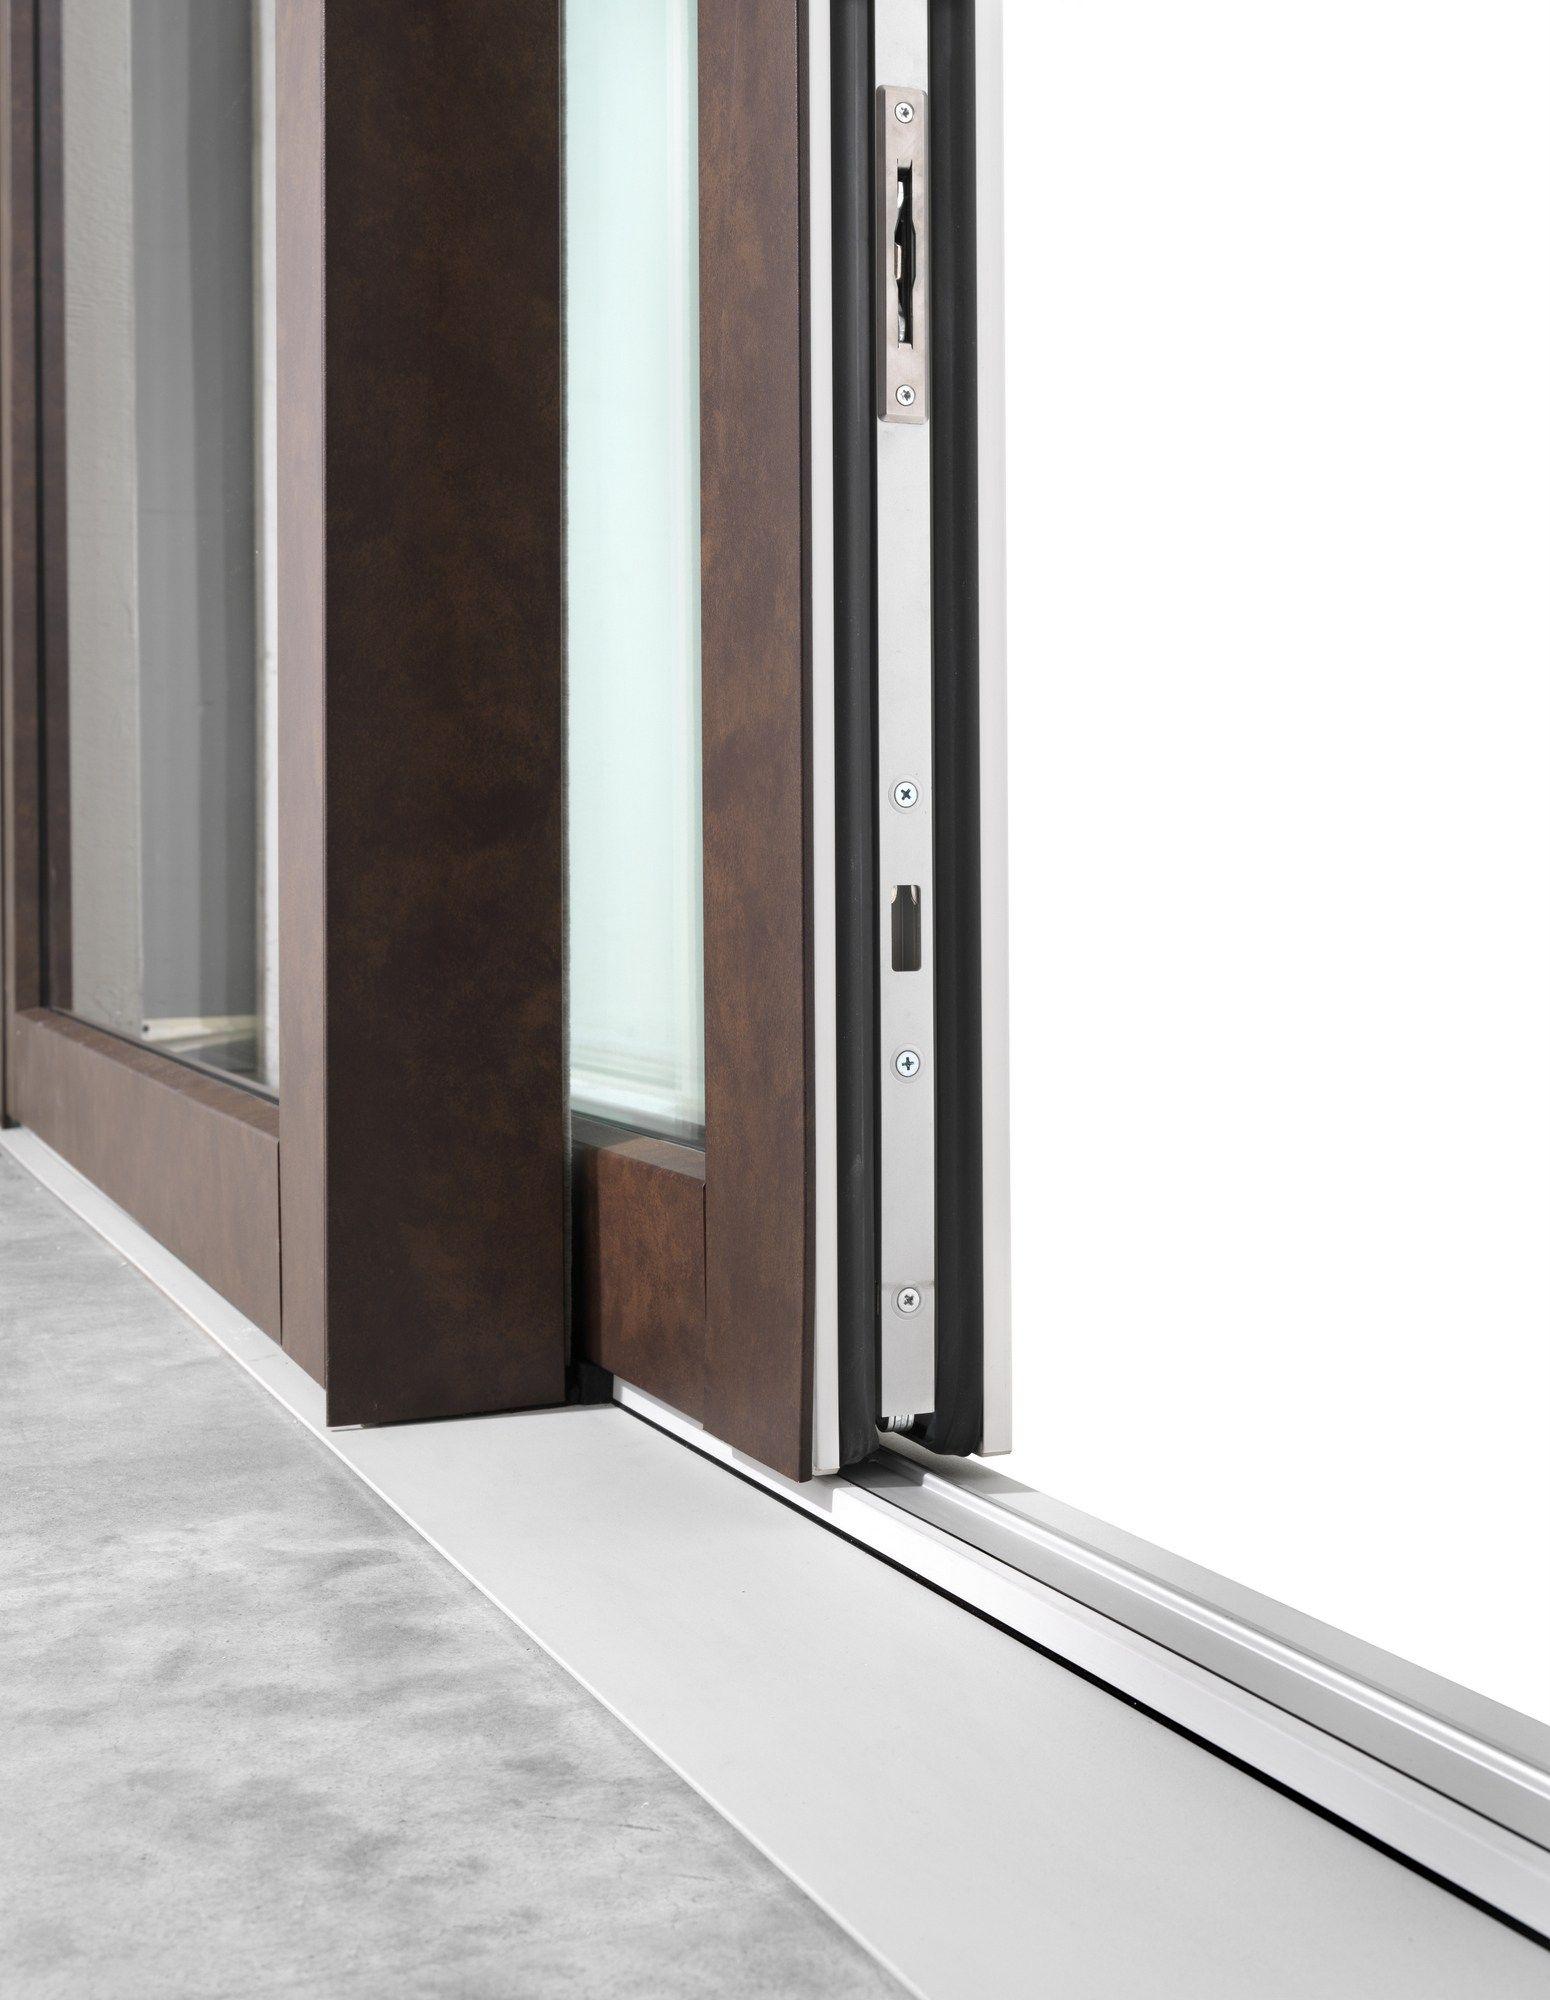 Porta finestra alzante scorrevole in pvc dqg hst by - Porta finestra scorrevole ...